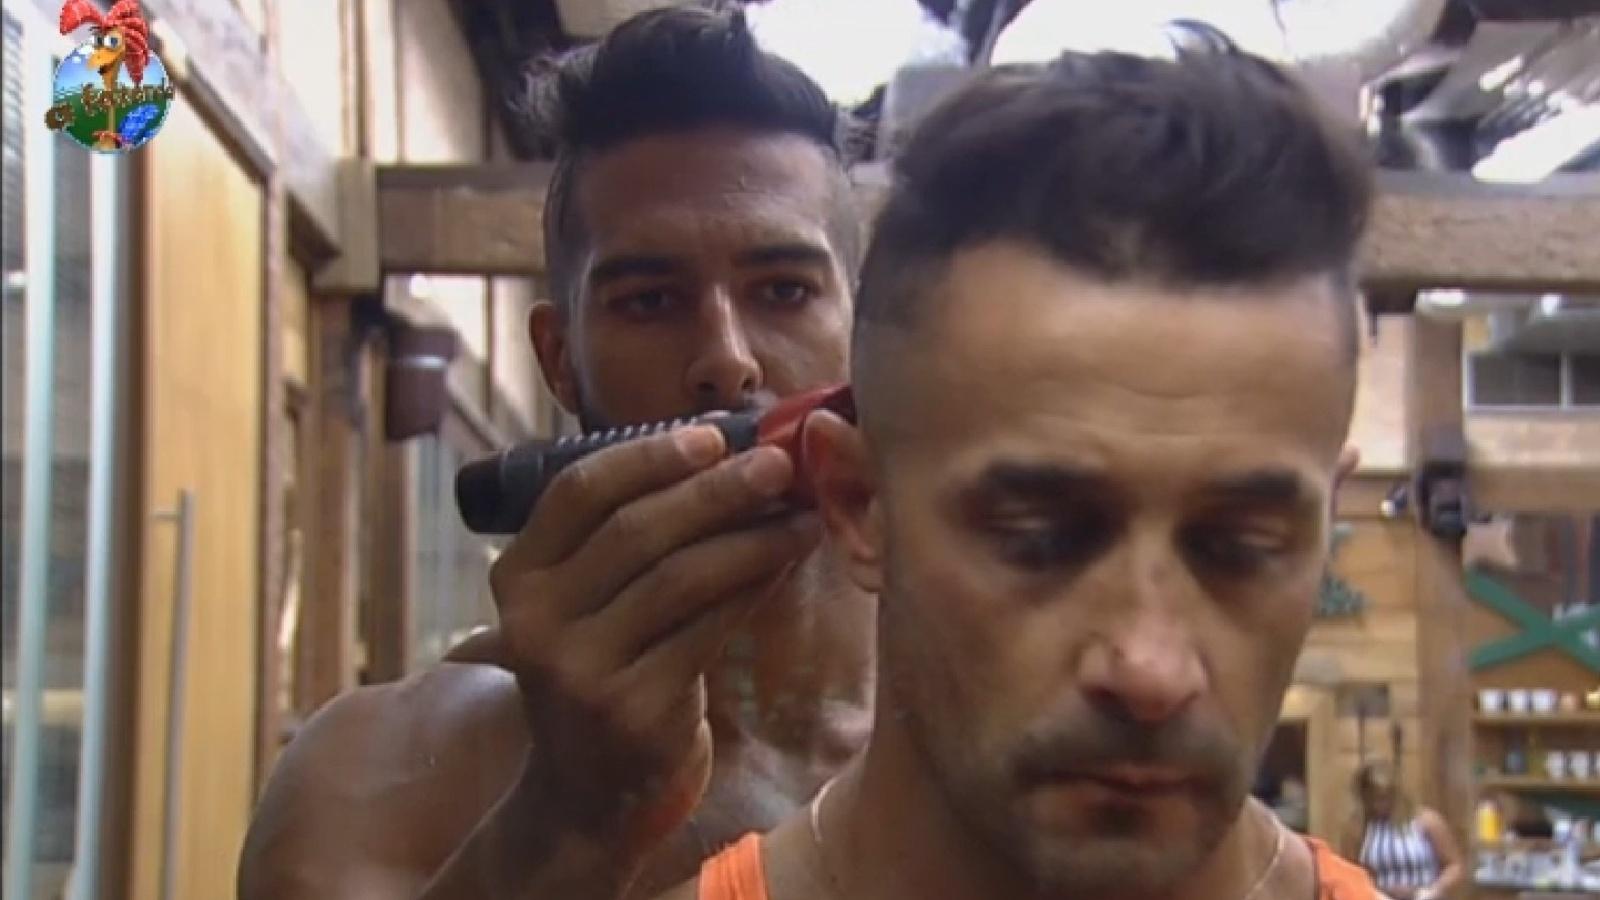 2.ago.2013 - Beto Malfacini ajuda Marcos Oliver com penteado moicano